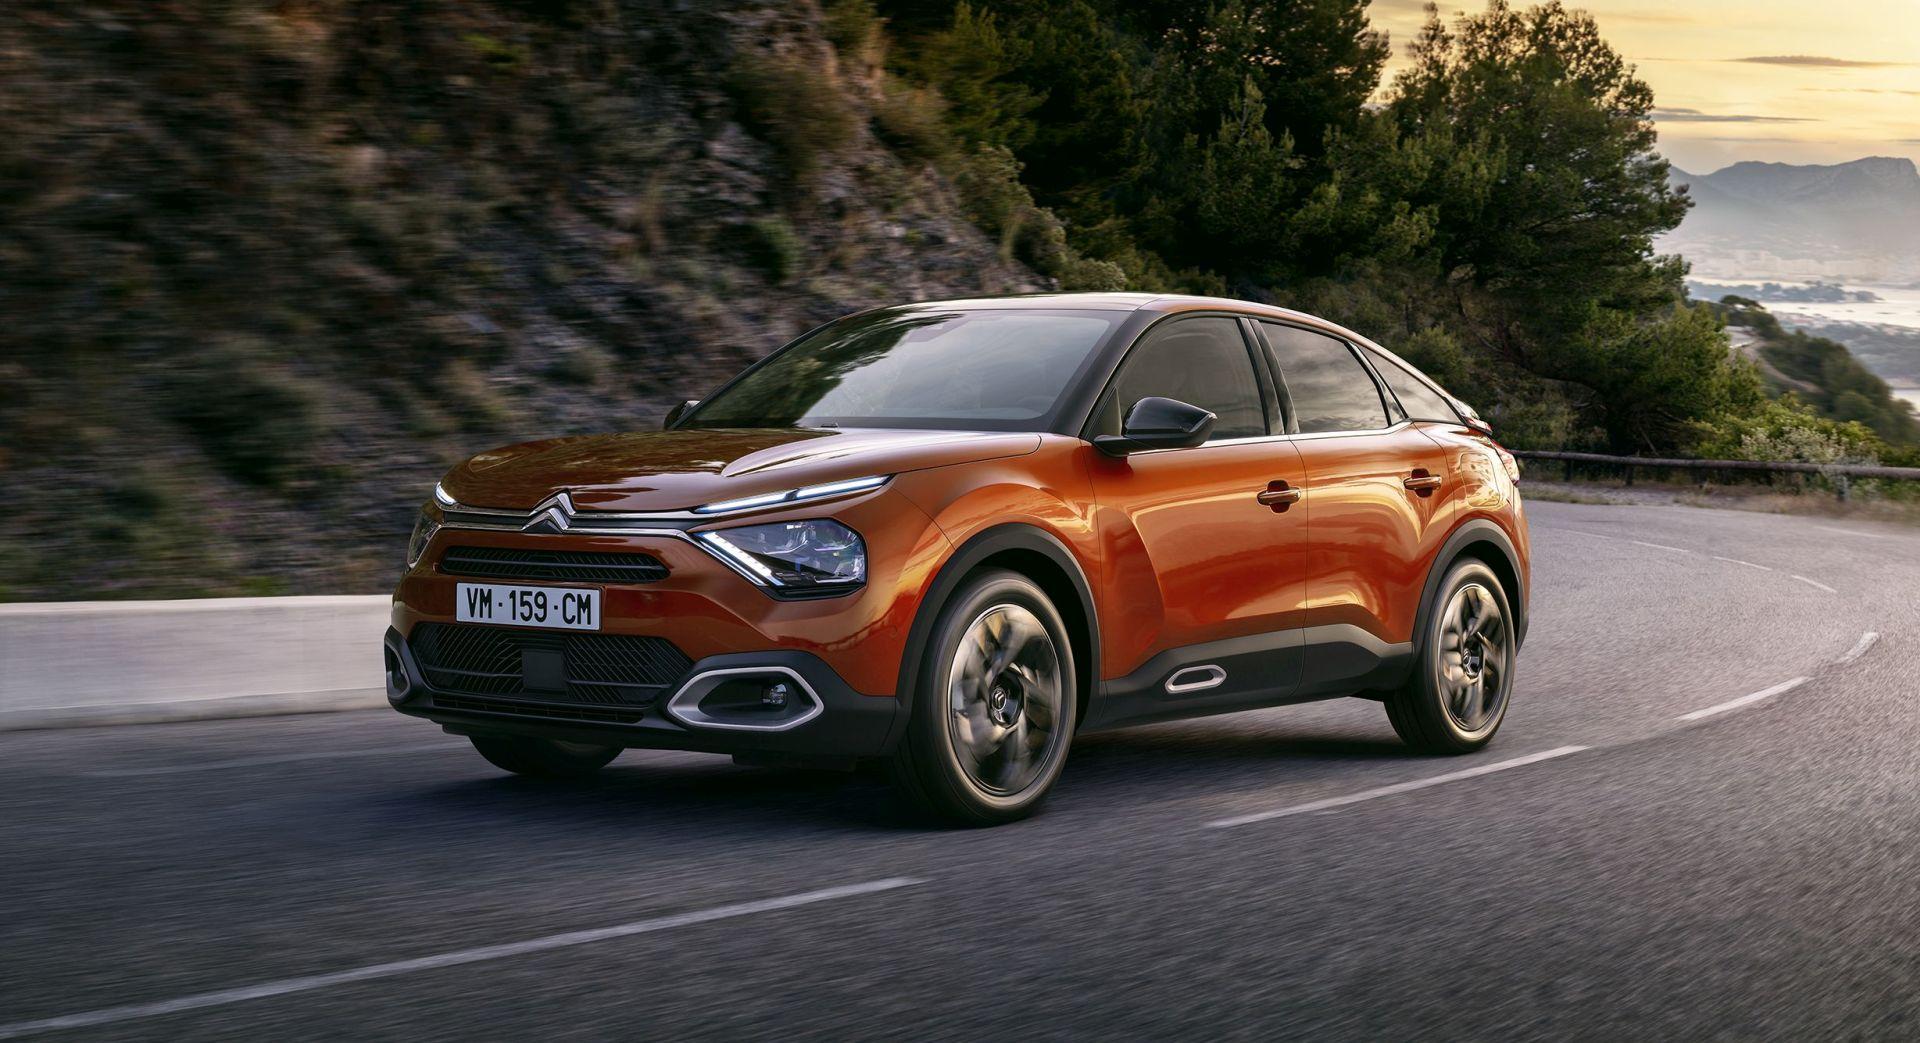 Sve što znamo o potpuno novom kompaktu Citroënu C4 i ë-C4